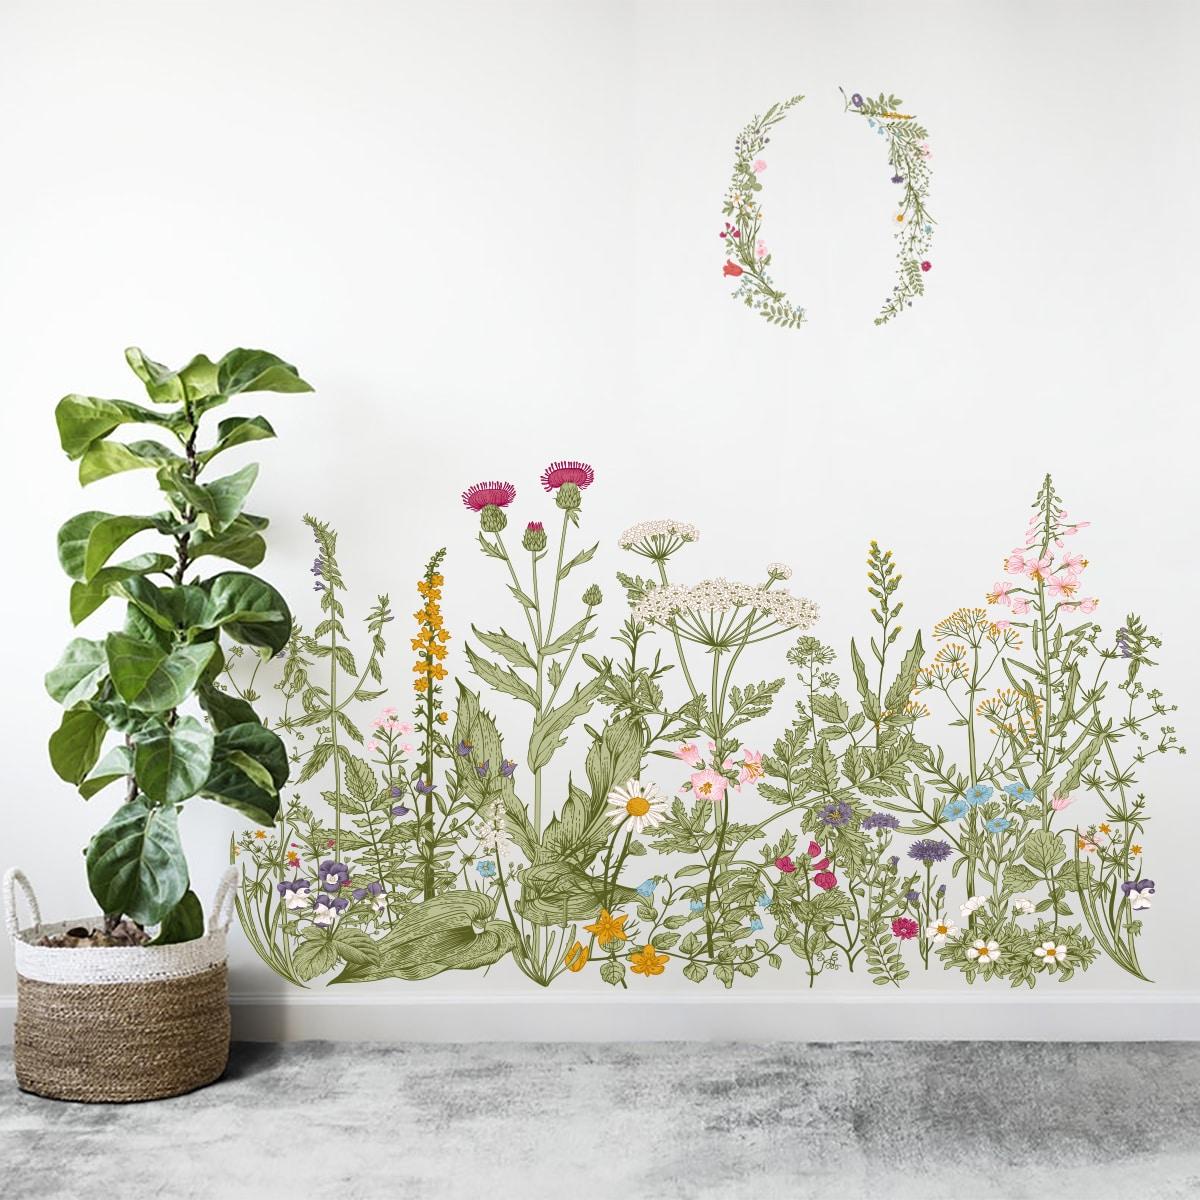 Стикер на стену с цветочным узором фото